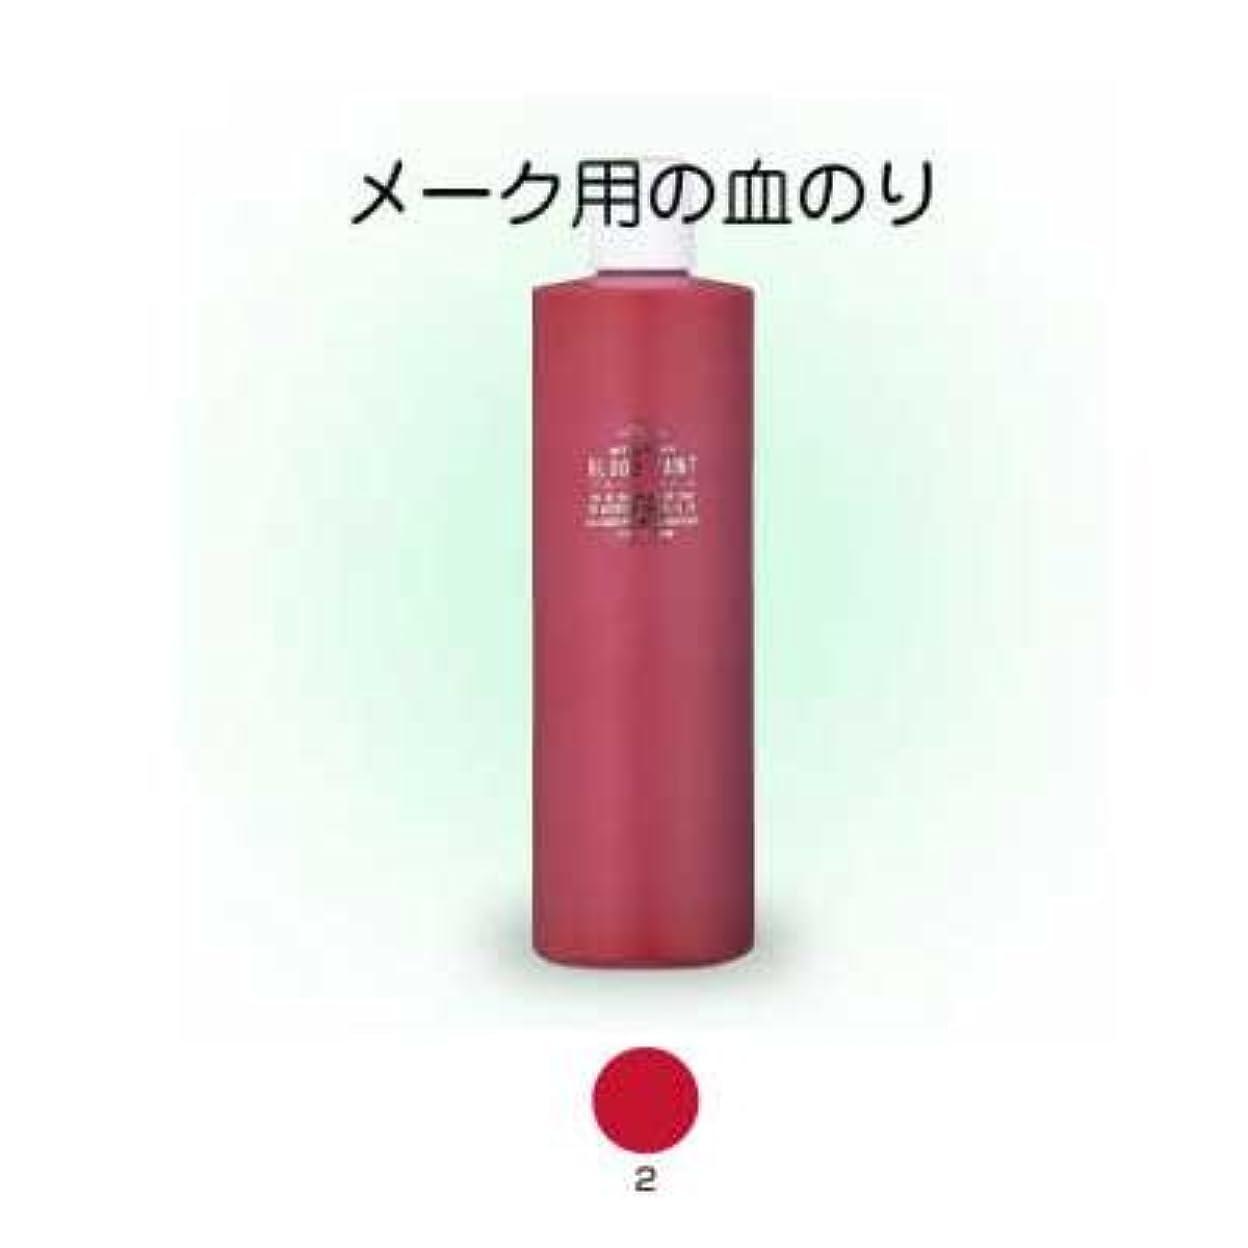 マングルフラスコ一過性ブロードペイント(メークアップ用の血のり)500ml 2【三善】